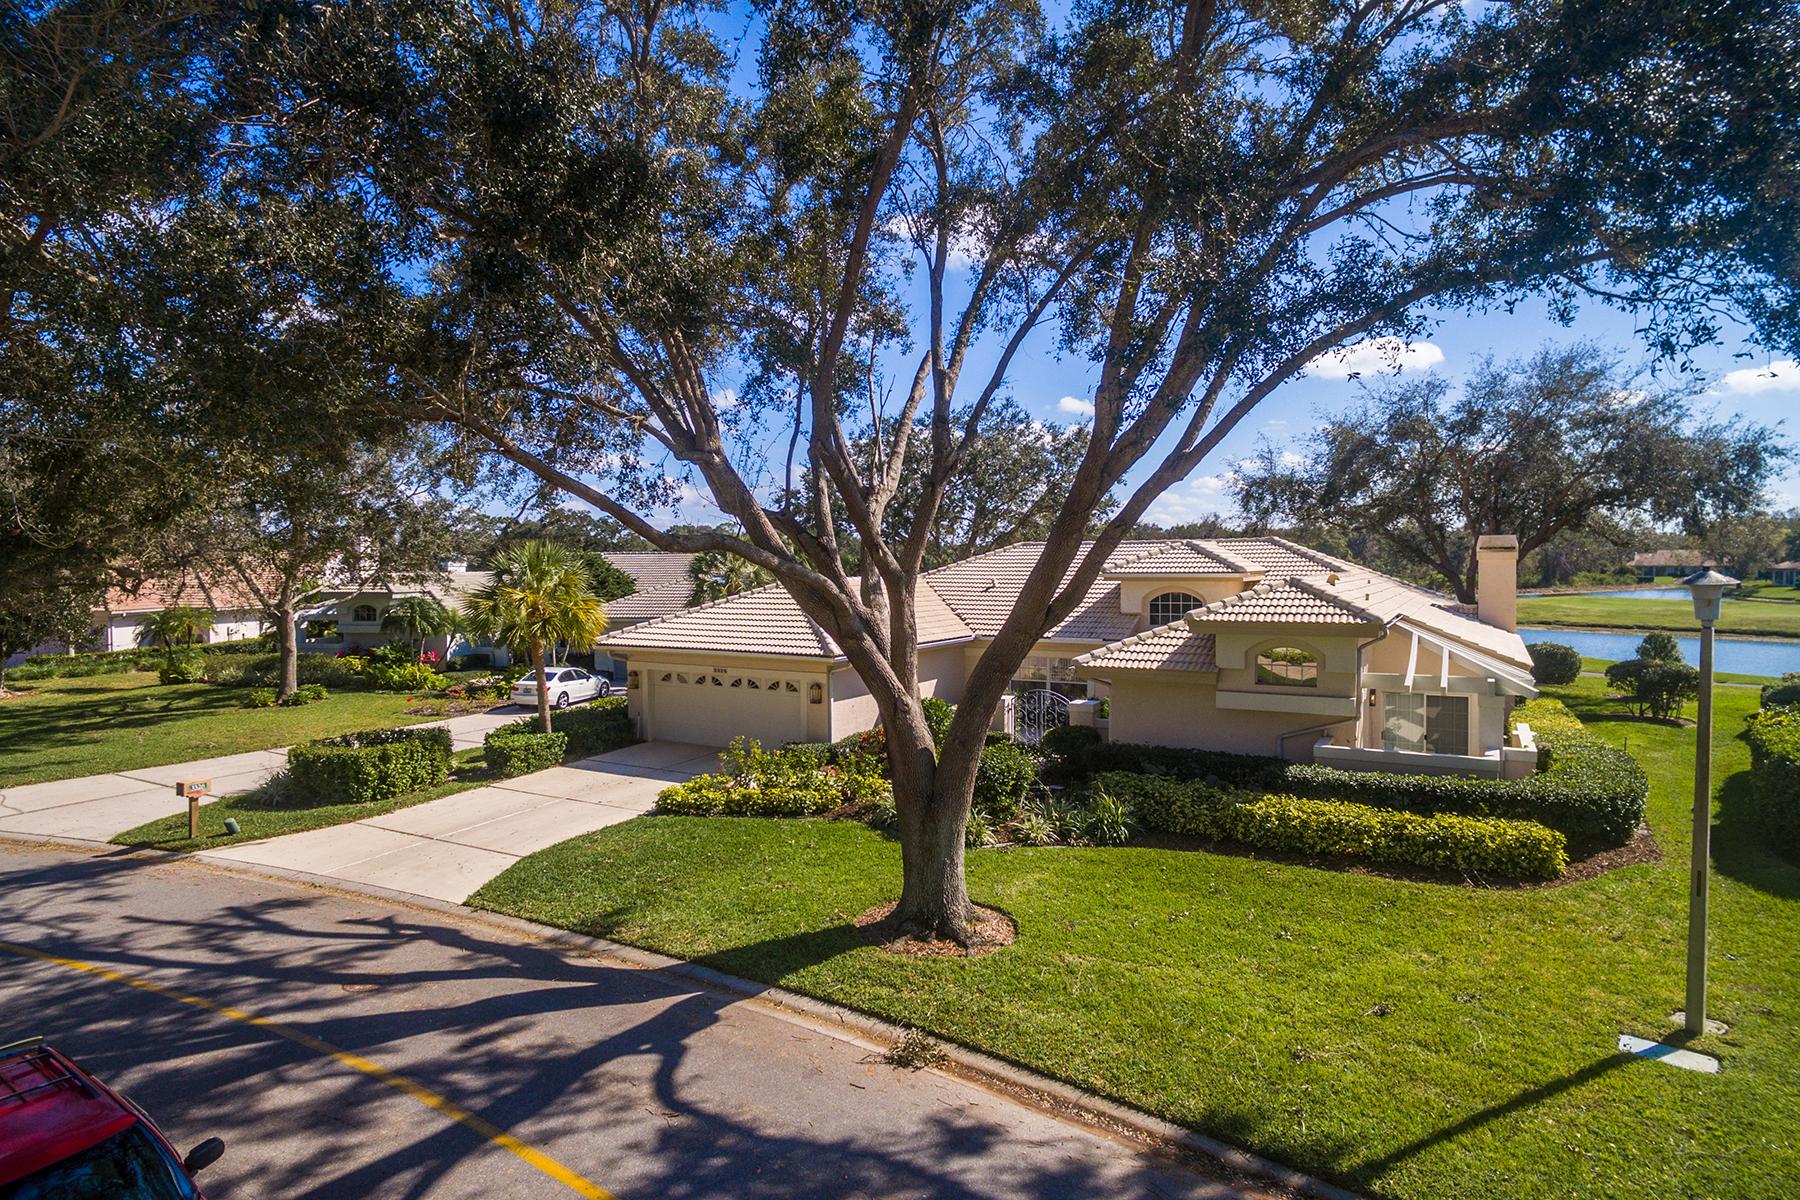 Einfamilienhaus für Verkauf beim THE MEADOWS 3326 Highlands Bridge Rd Sarasota, Florida, 34235 Vereinigte Staaten